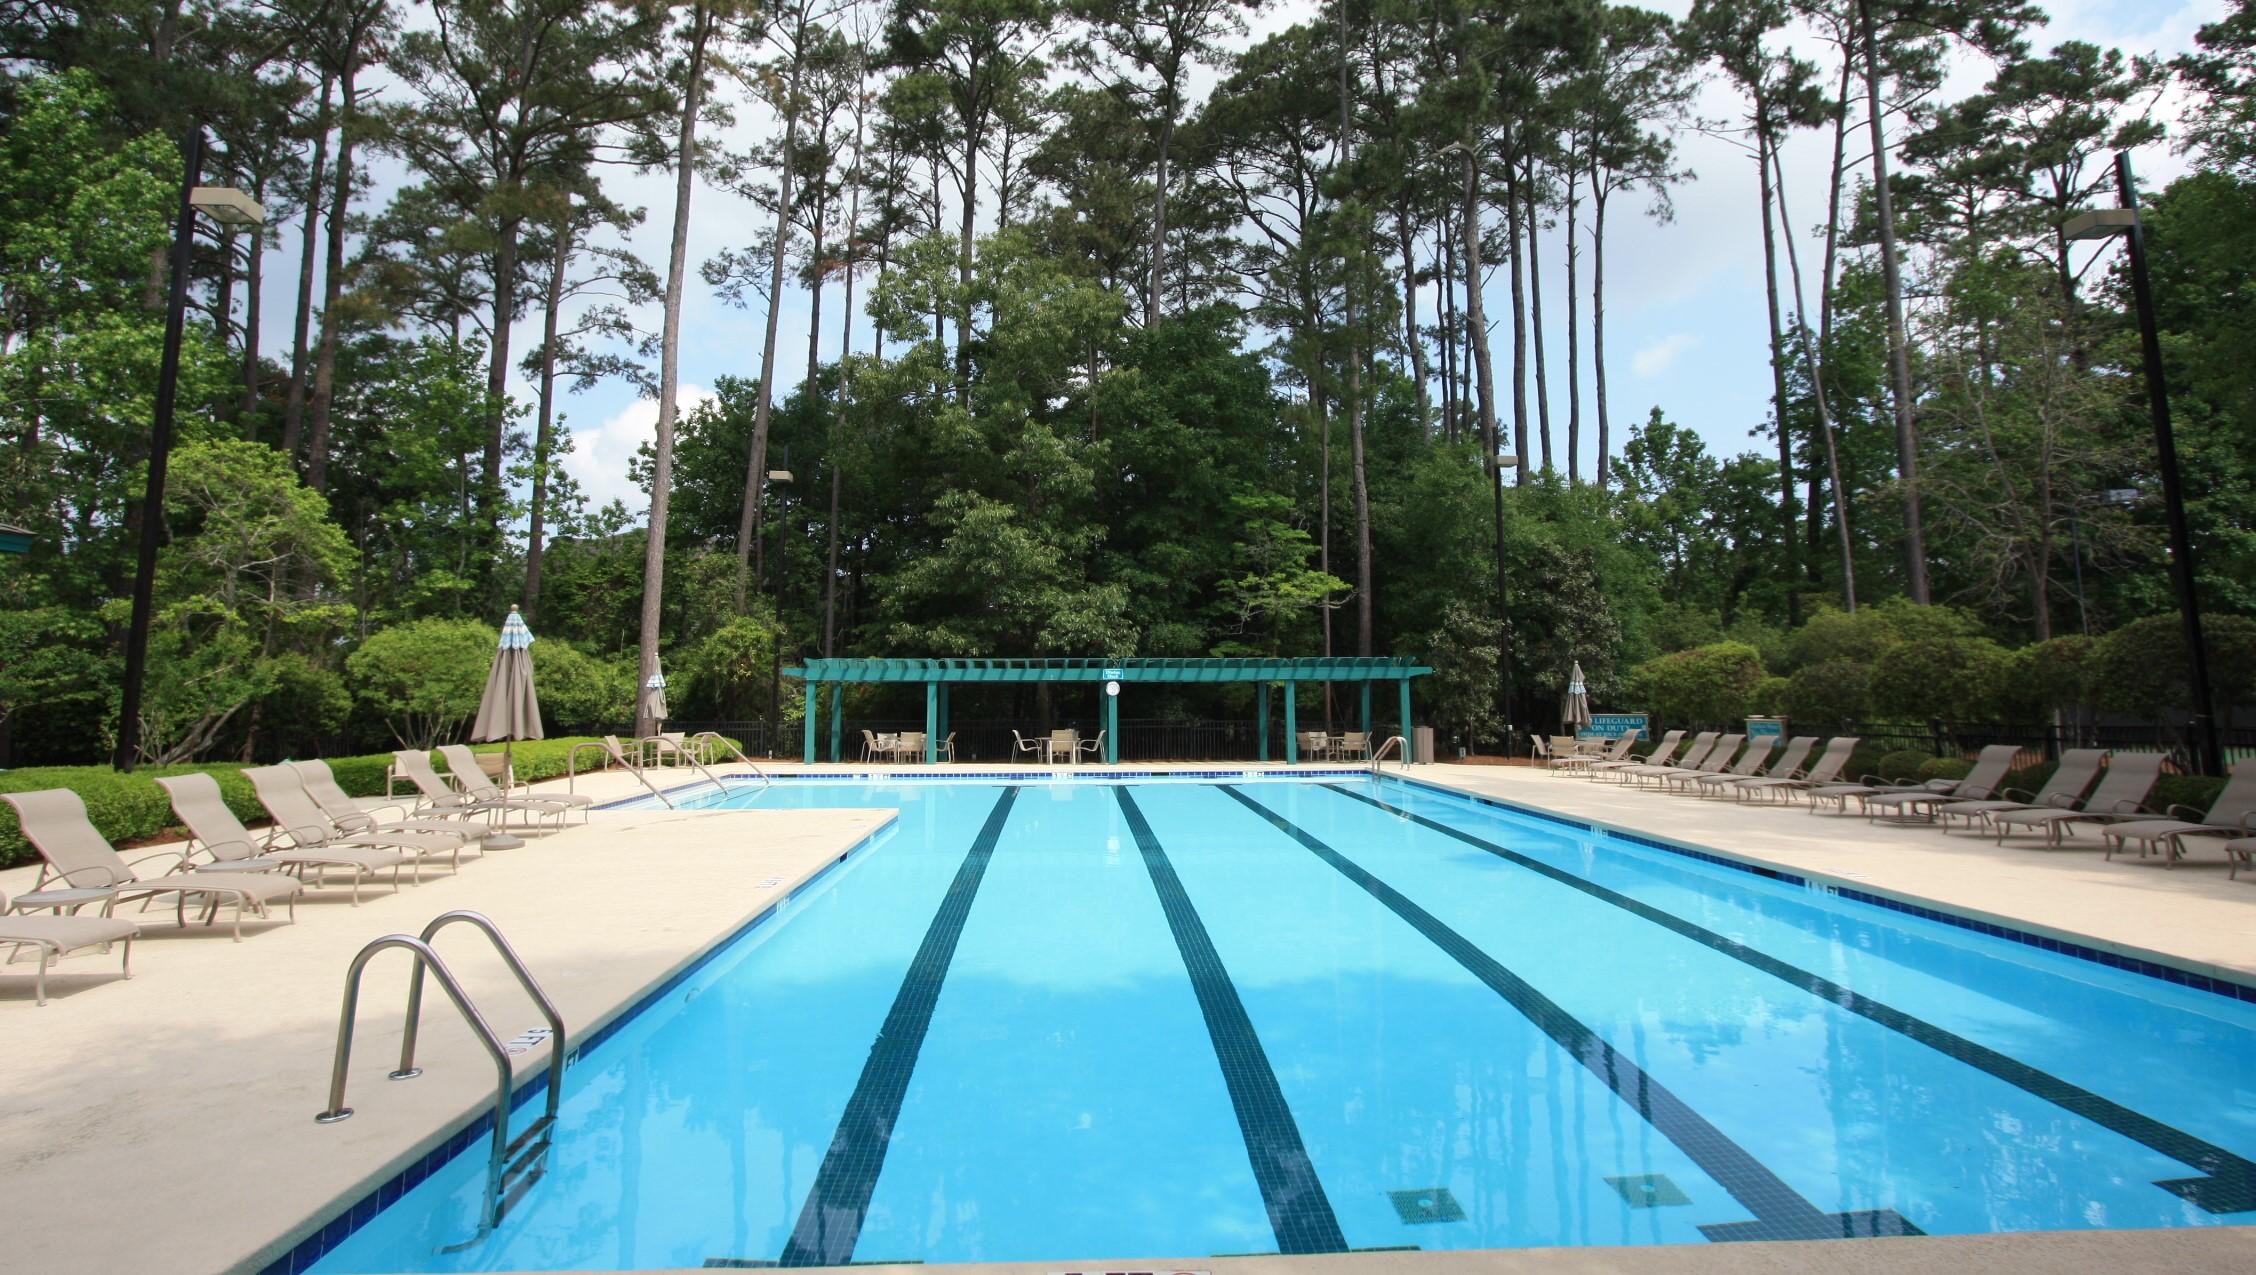 Tidewater Pool Area